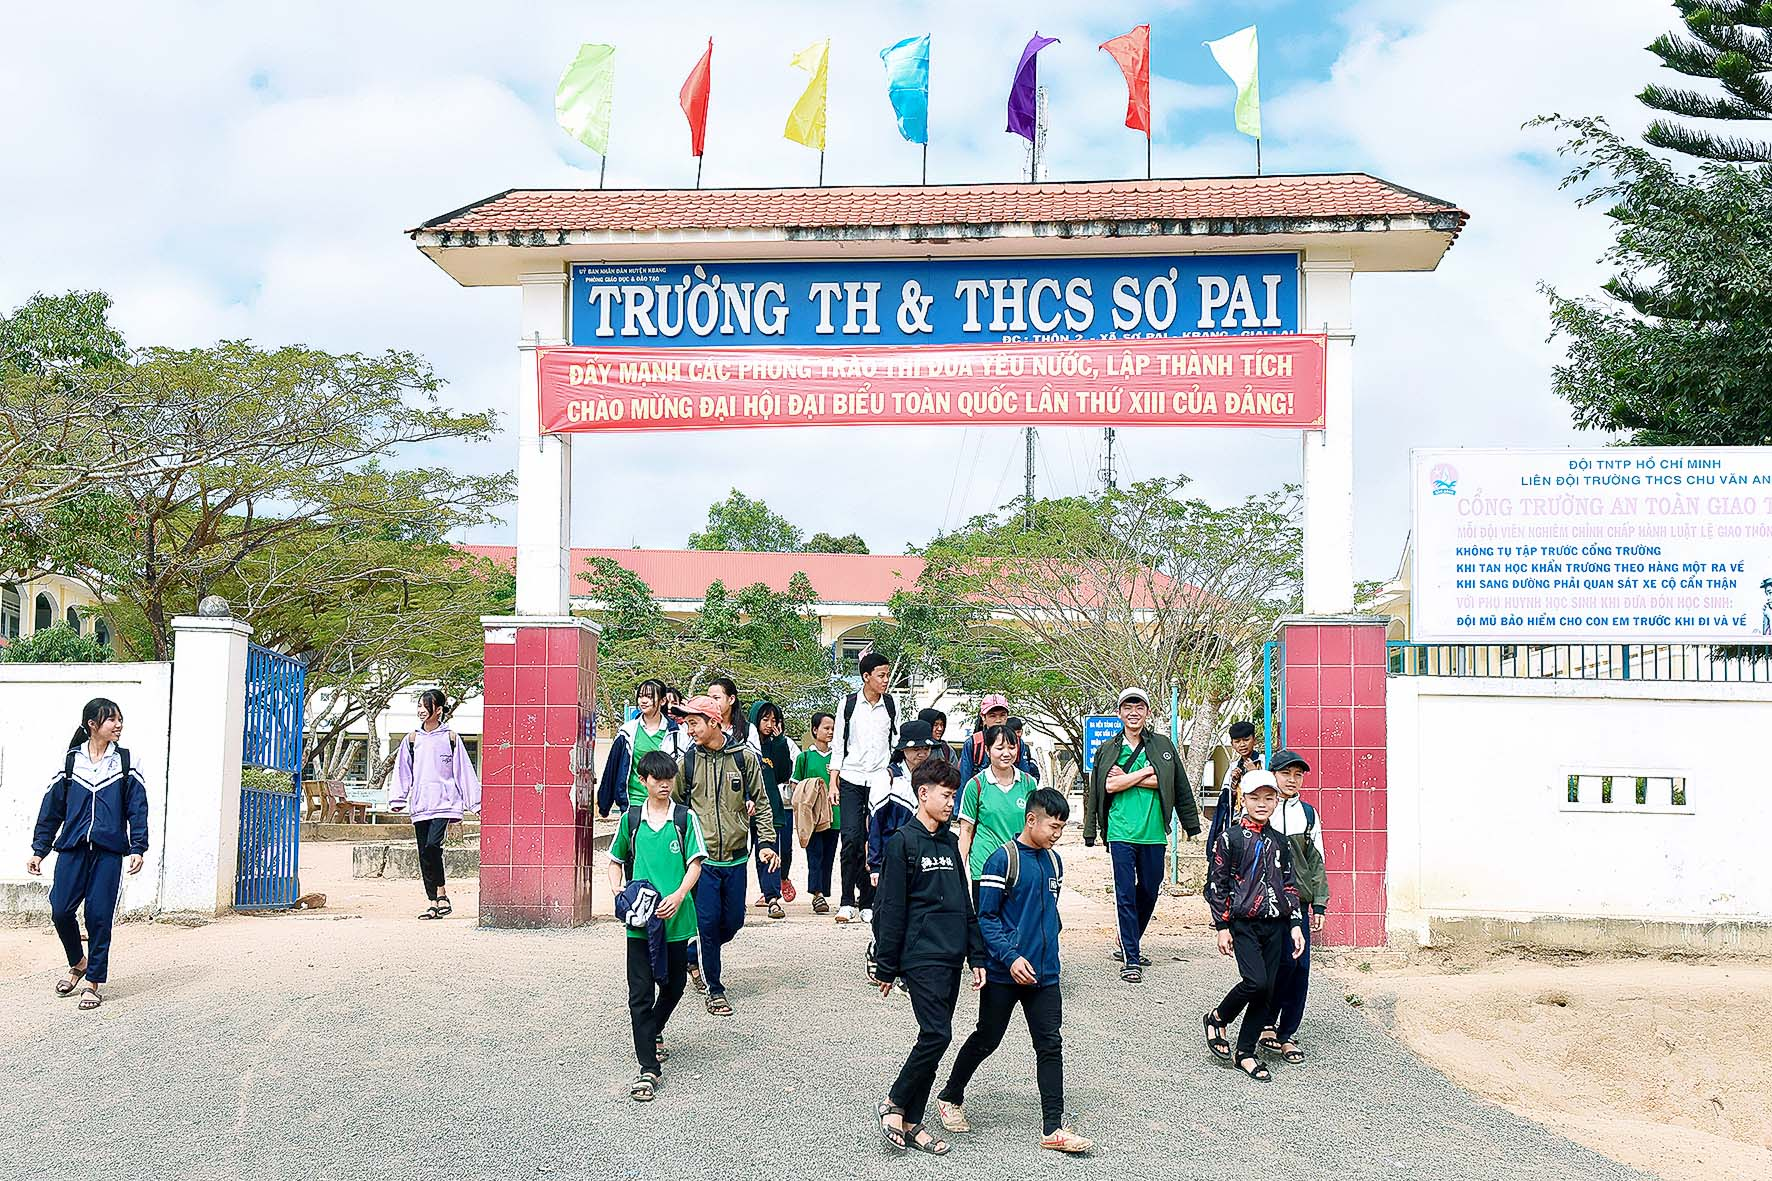 4.Trường Tiểu Học – THCS Sơ Pai có cơ sở vật chất đạt chuẩn quốc gia theo quy định và được công nhận trường đạt chuẩn quốc gia từ năm học 2017.